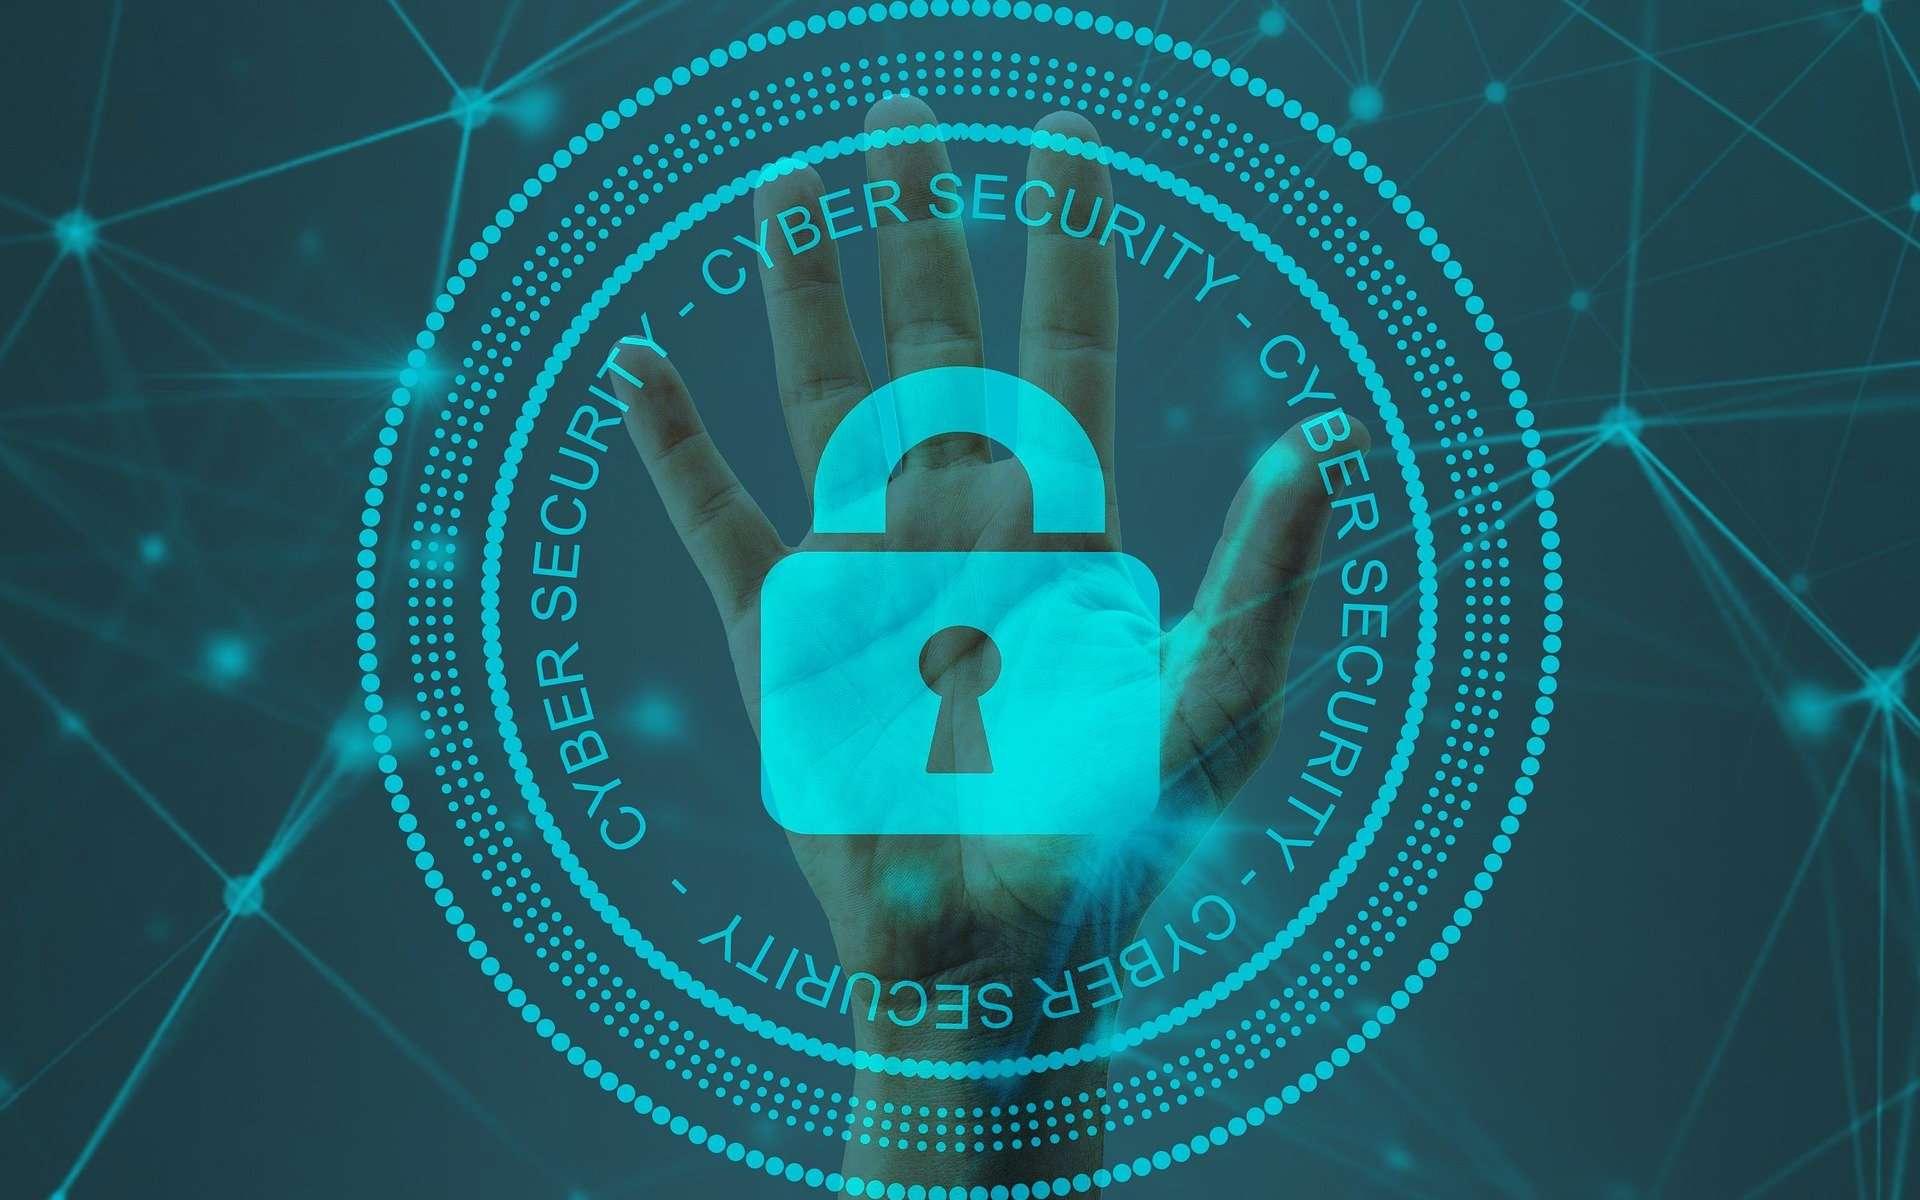 Mettez toutes les chances de votre côté pour éviter et empêcher une cyberattaque ! © TheDigitalArtist, Pixabay